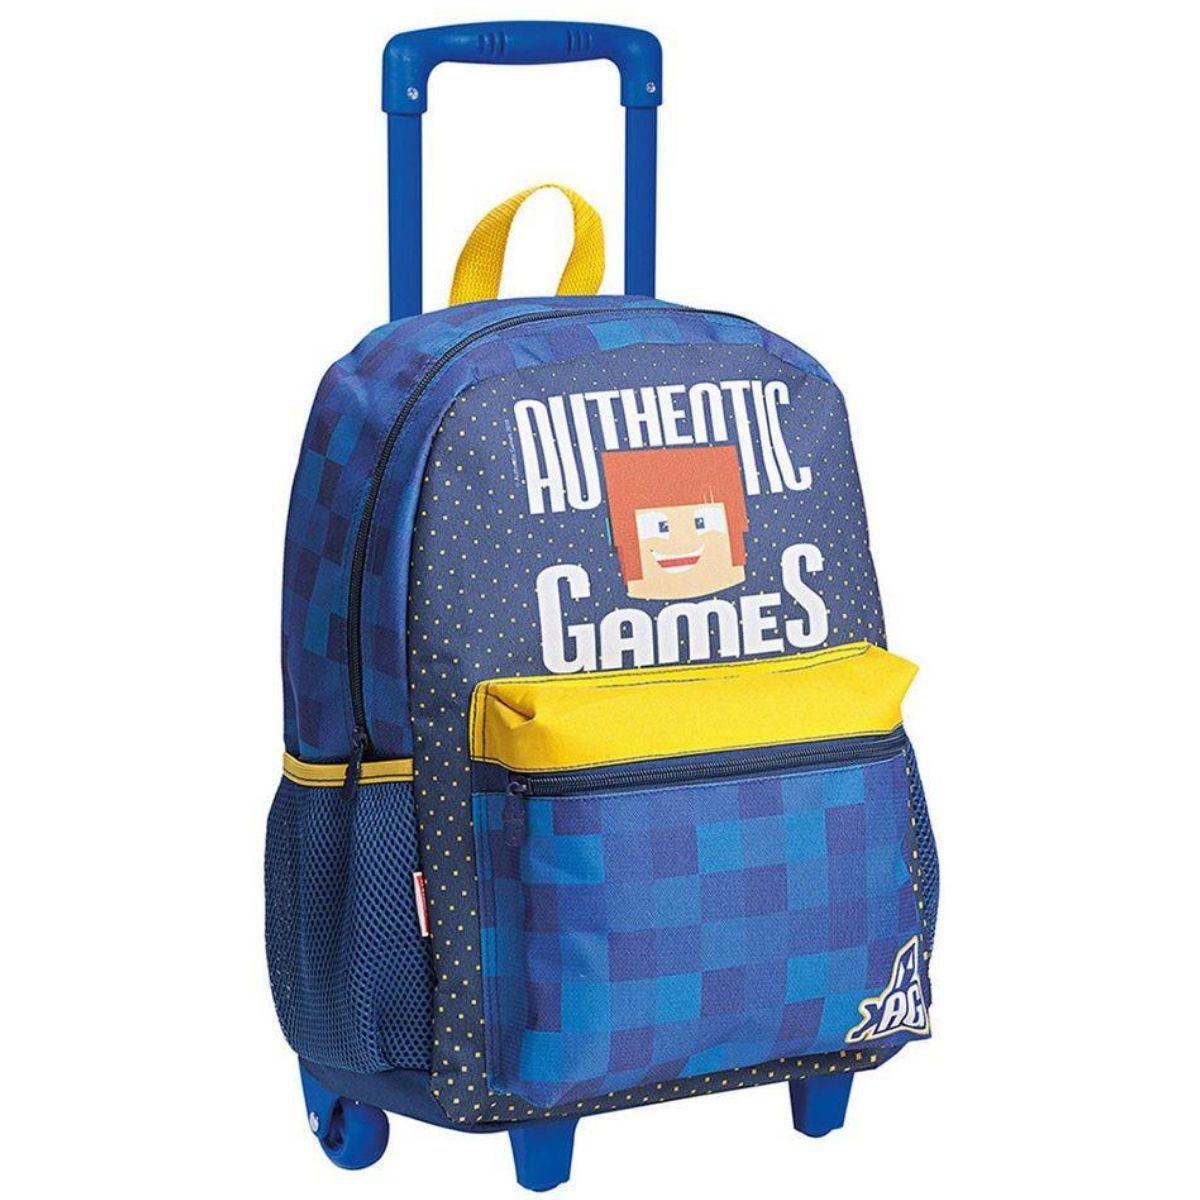 Mochila Mochilete Escolar Infantil De Rodinha Authentic Games 20M Sestini - 065570-00